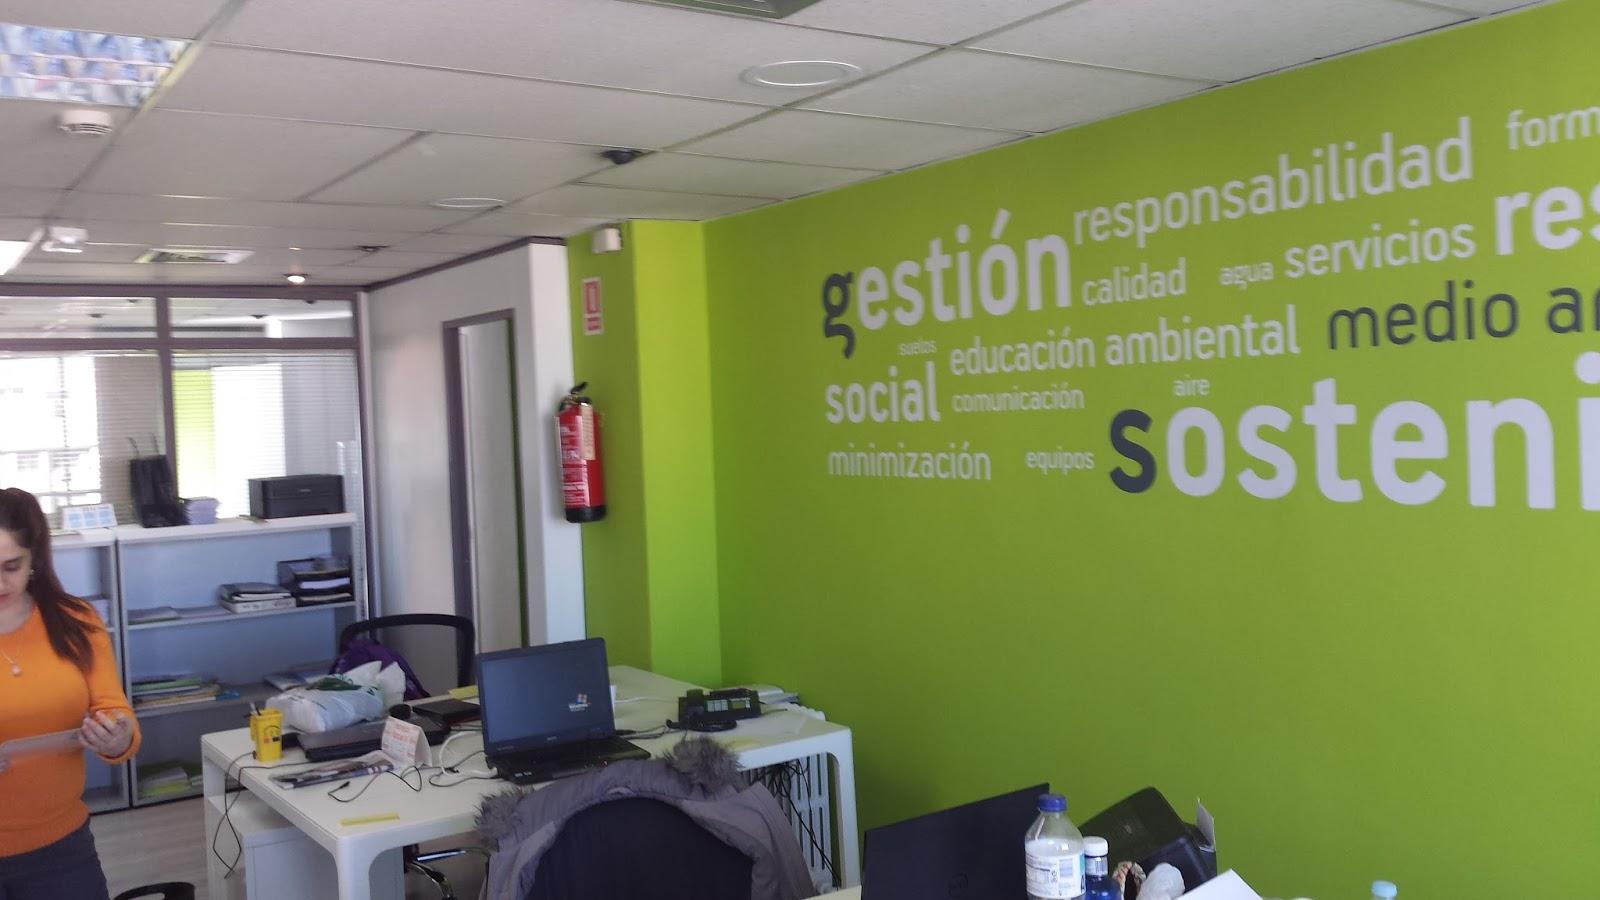 Sm sistemas medioambientales nueva oficina en madrid for Oficinas ing en madrid